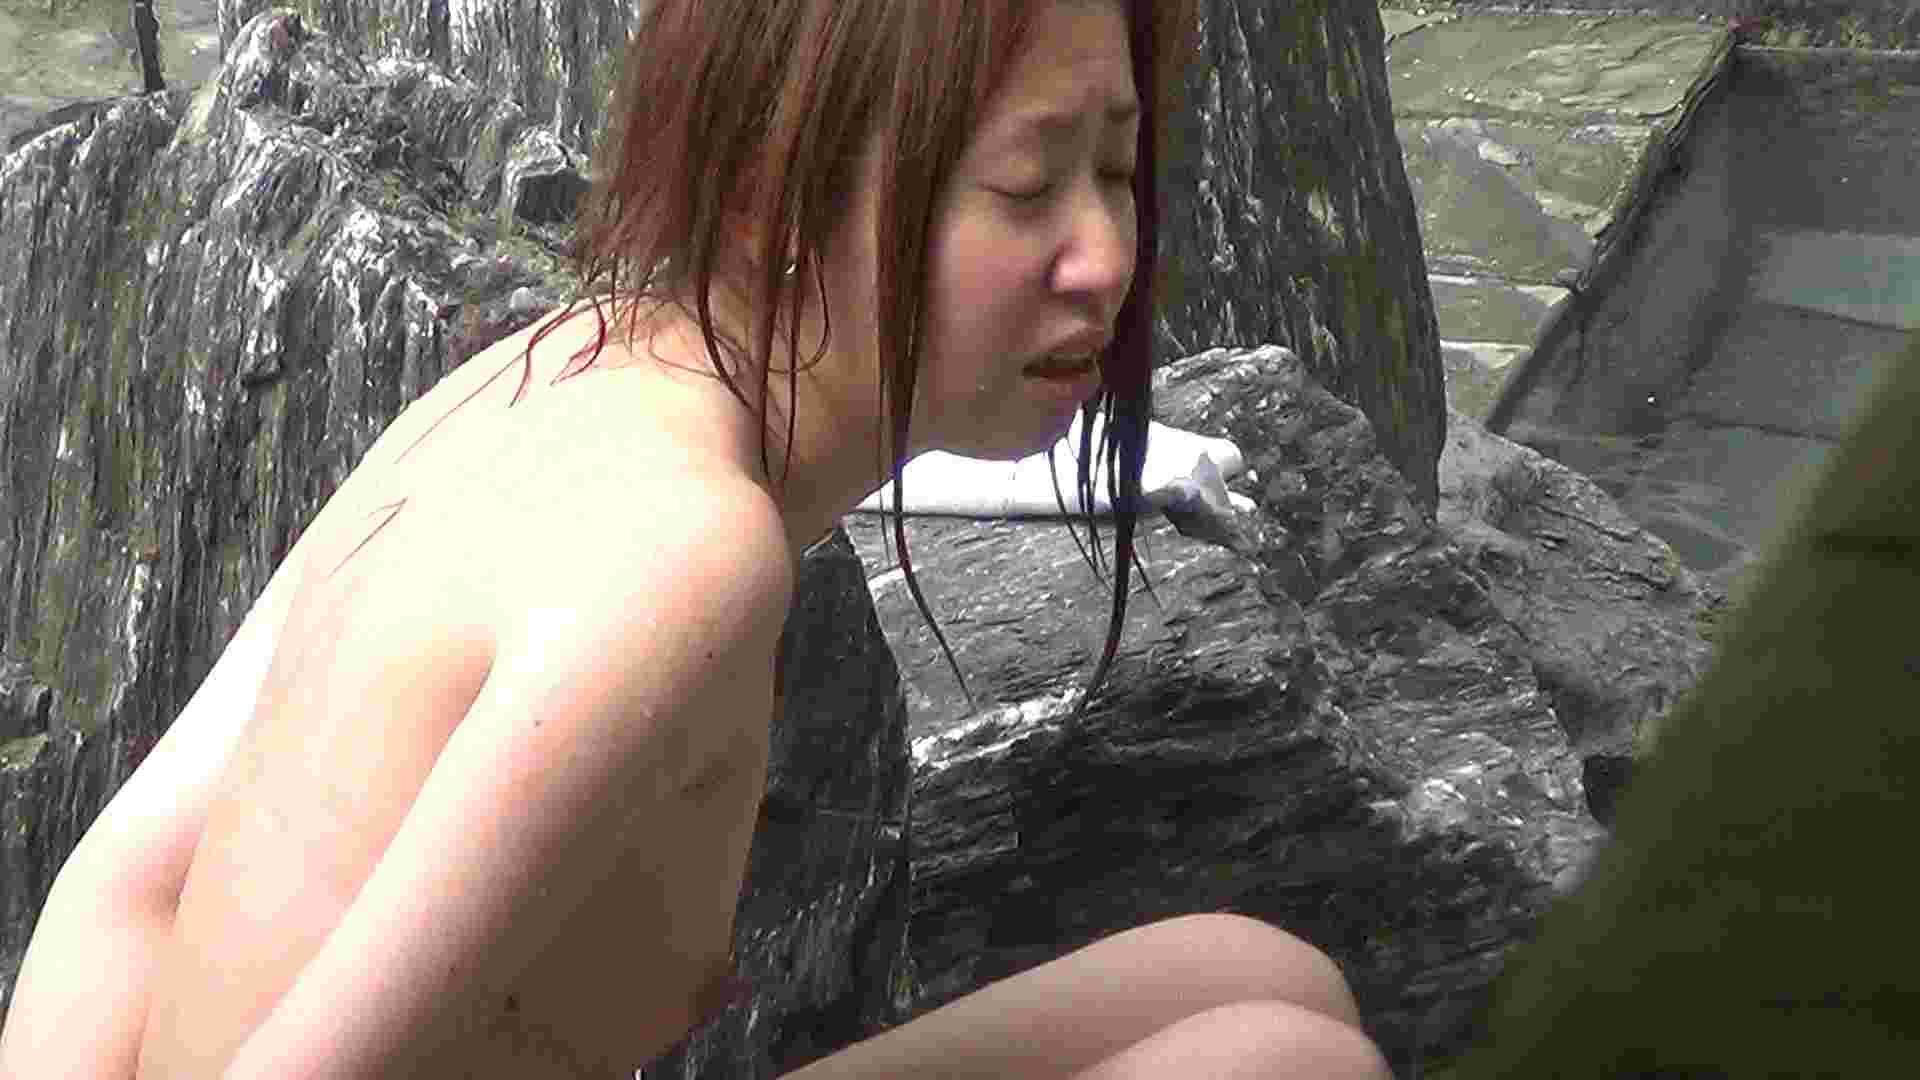 Aquaな露天風呂Vol.244 盗撮   OLのエロ生活  95連発 46